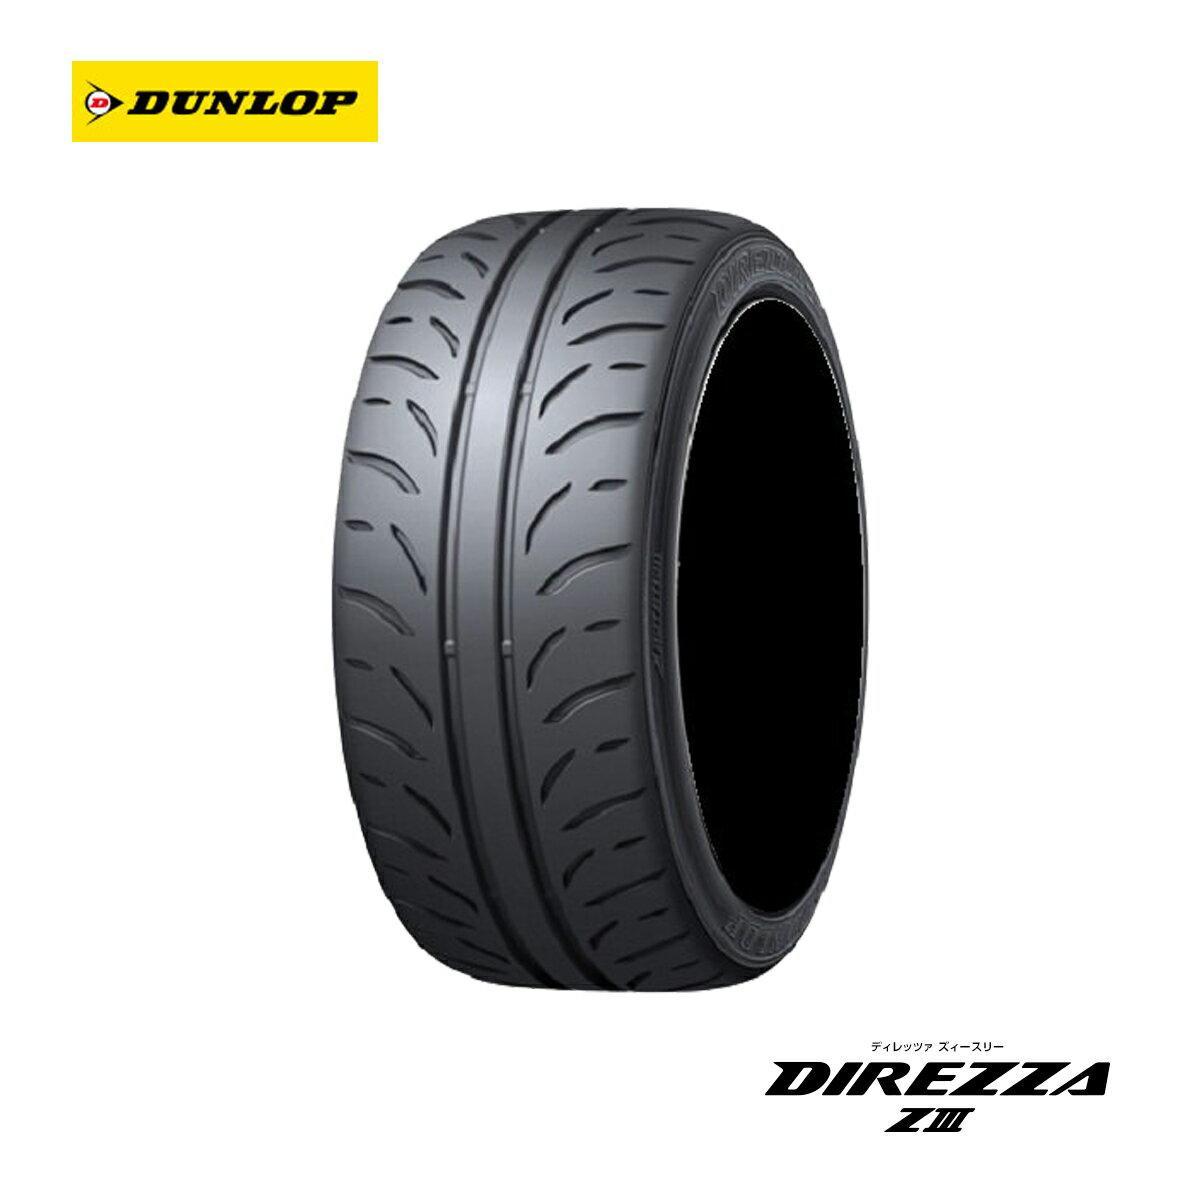 DUNLOP ダンロップ サマータイヤ 4本 セット 18インチ 265/35R18 DIREZZA Z3 ディレッツァ